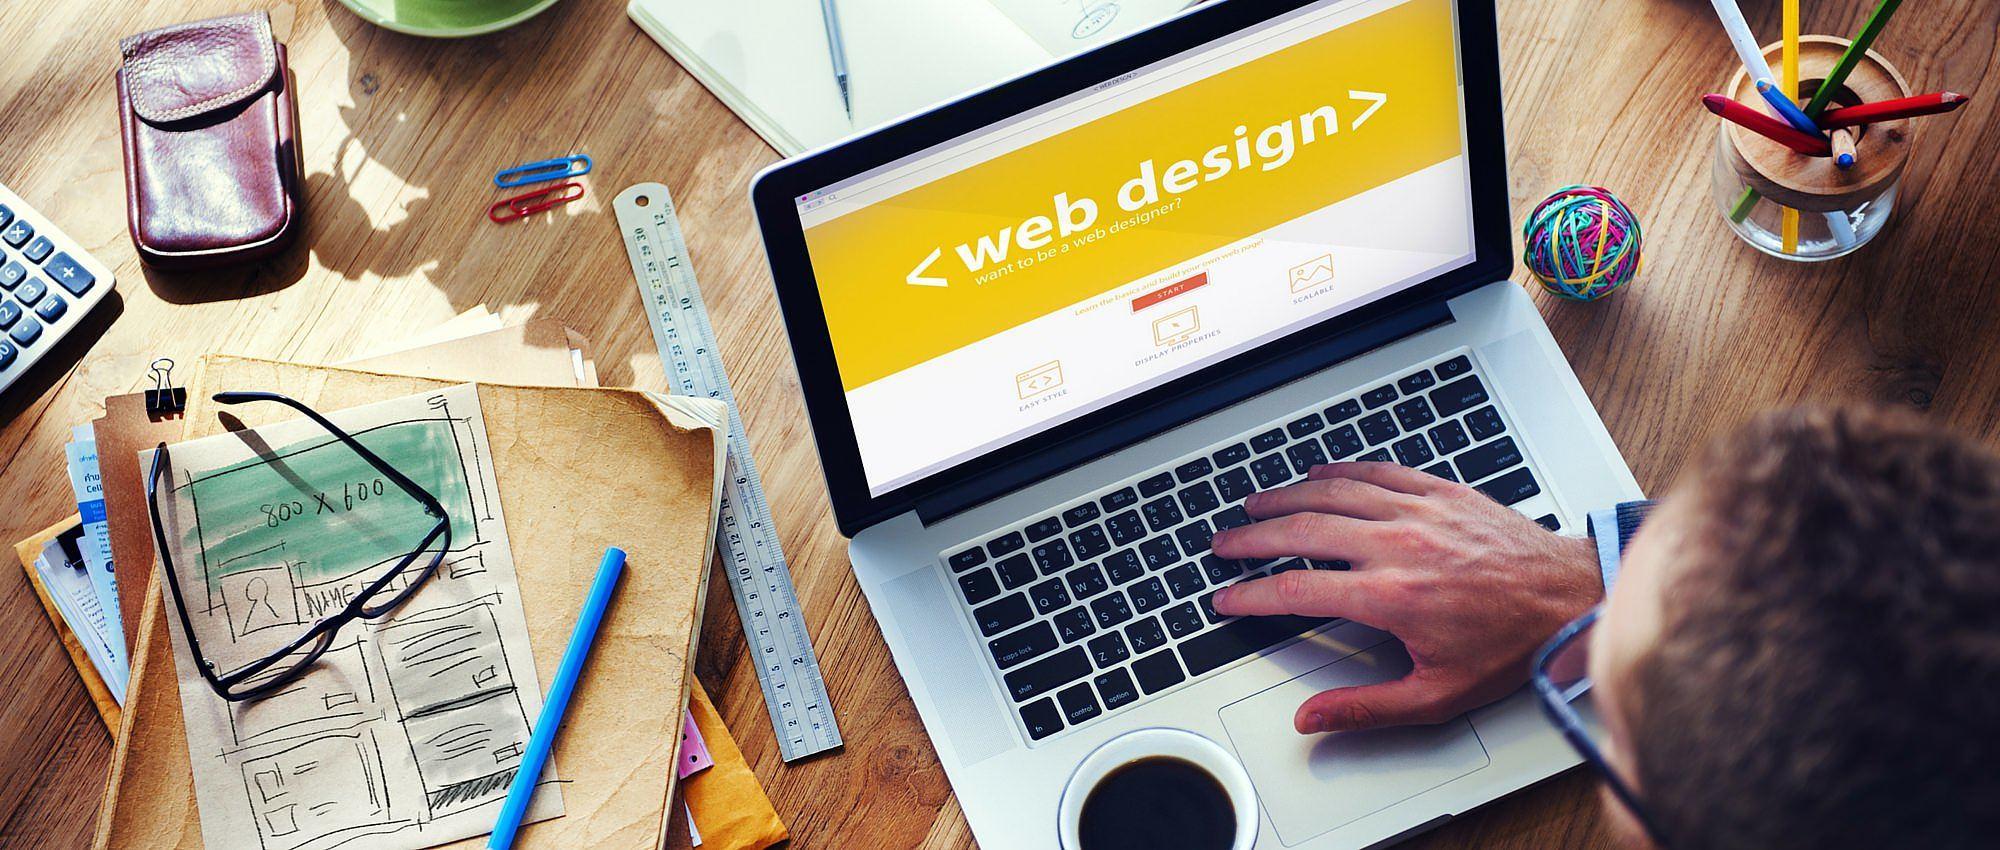 Сам себе веб-дизайнер